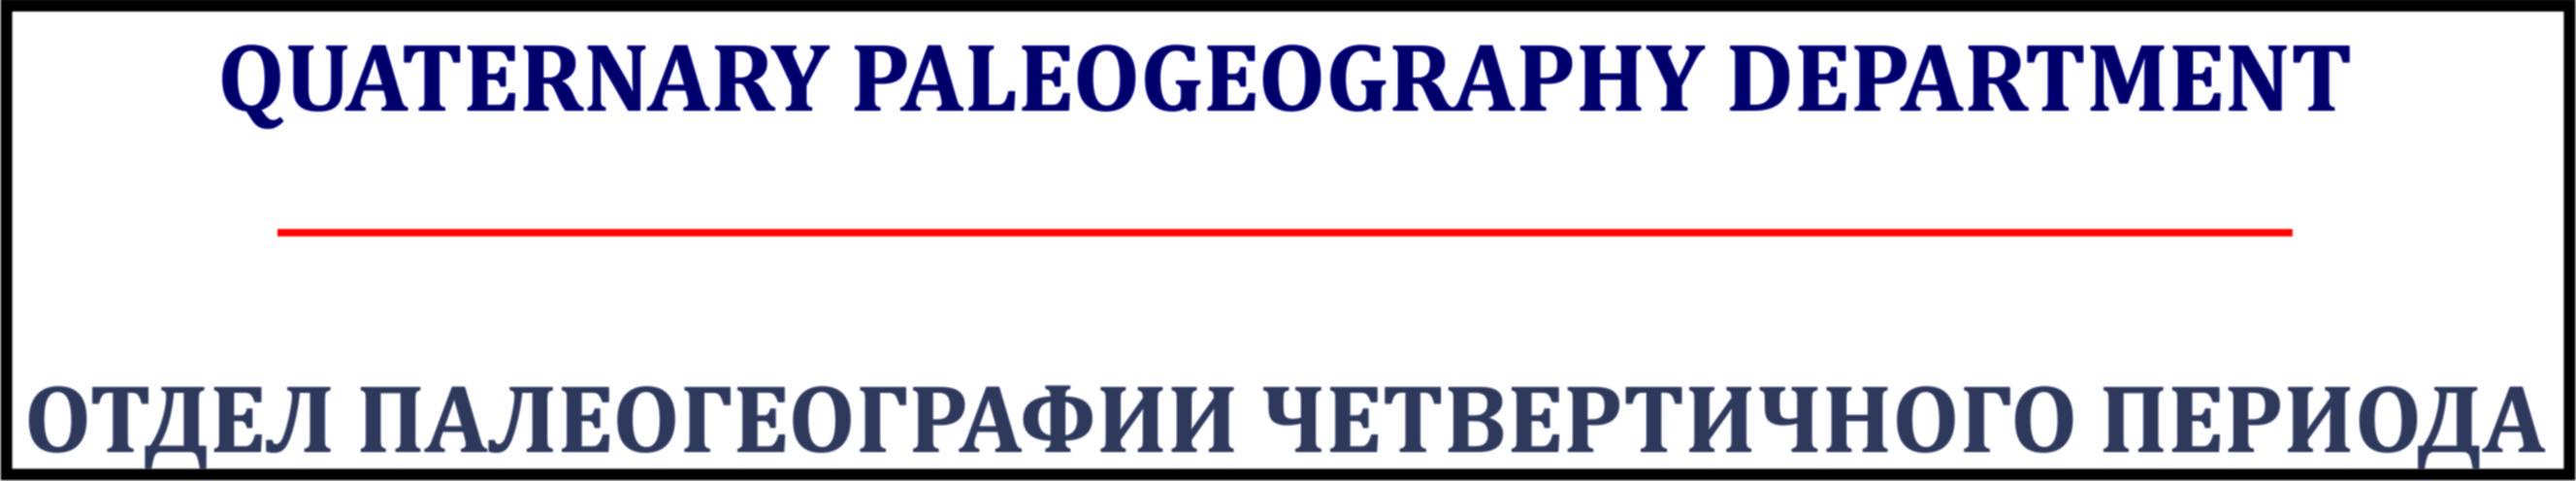 Отдел палеогеографии четвертичного периода